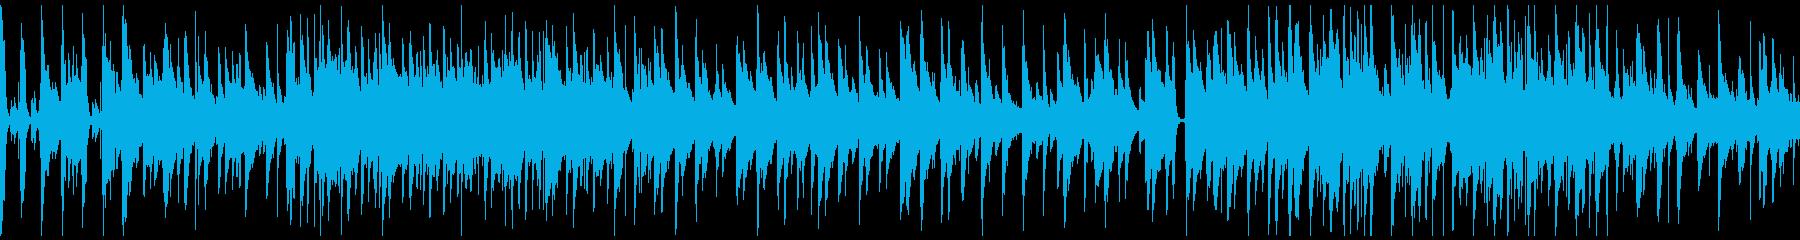 秋の切なさを想起させる軽快なジャズ楽曲の再生済みの波形